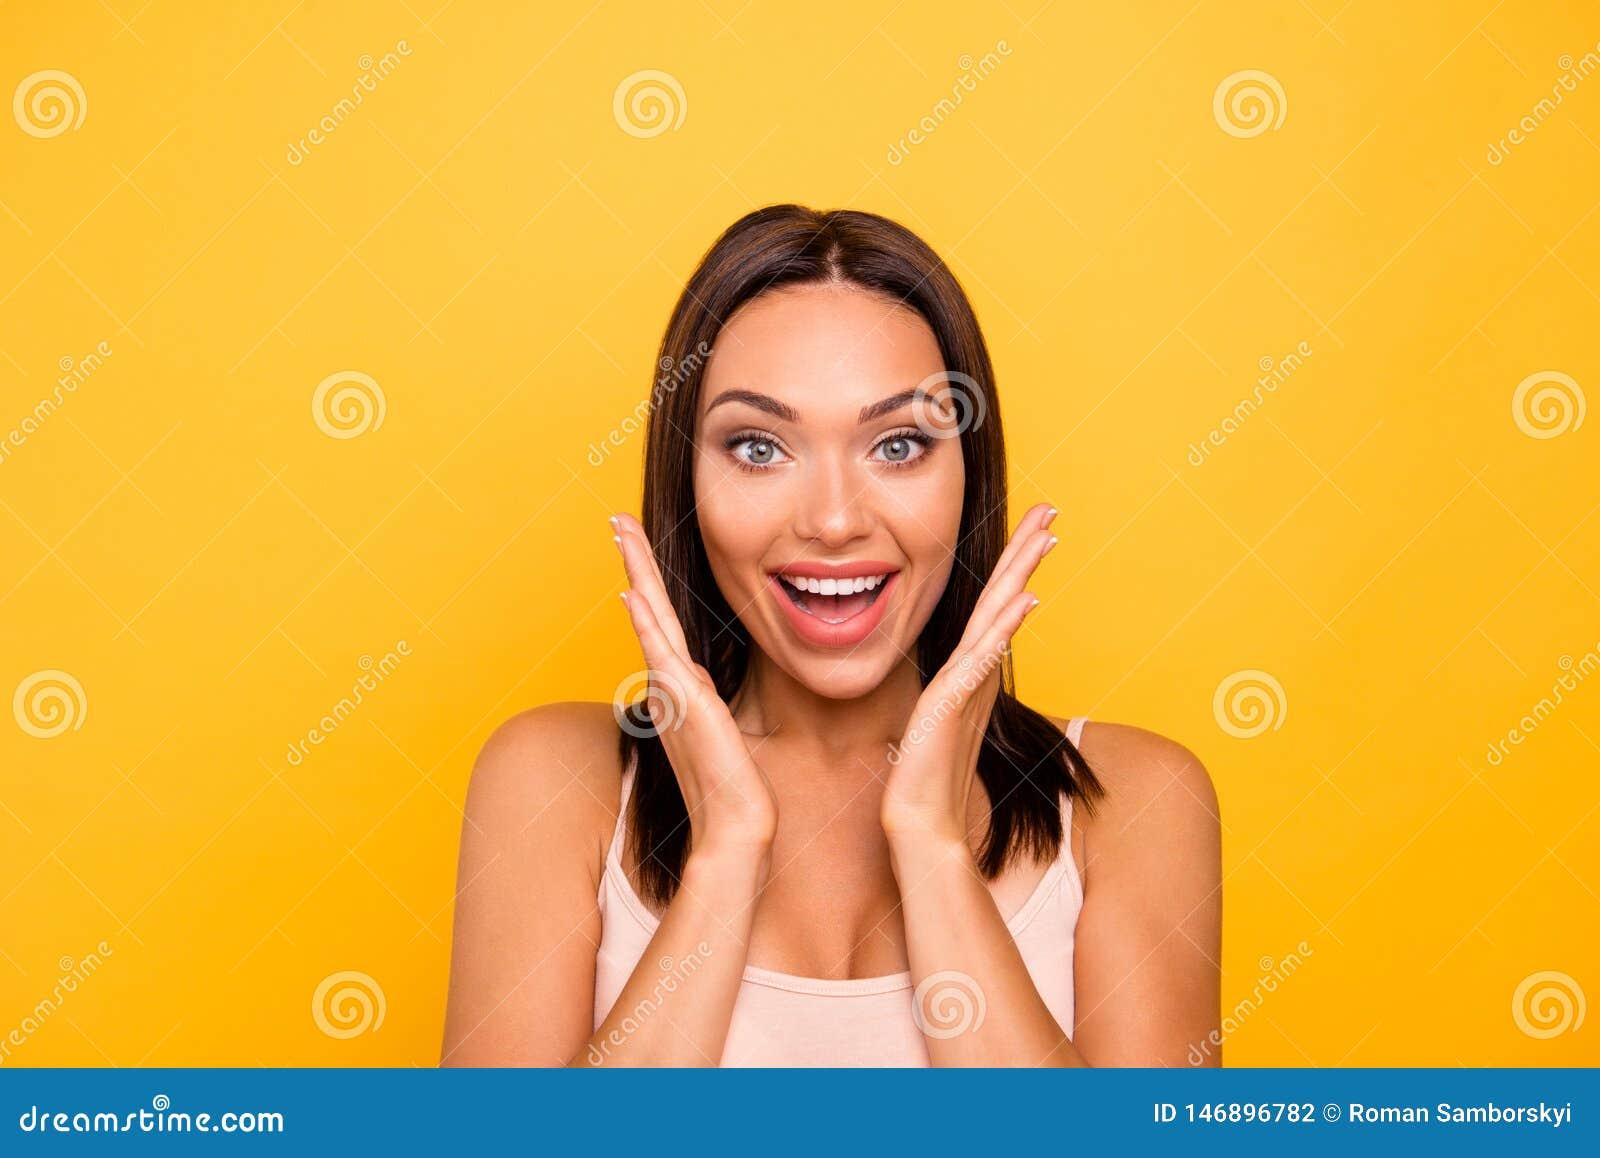 Fin vers le haut de bel étonnant de photo elle ses bras comblés faciles à vivre de prise de dame près usage chanceux de pommettes